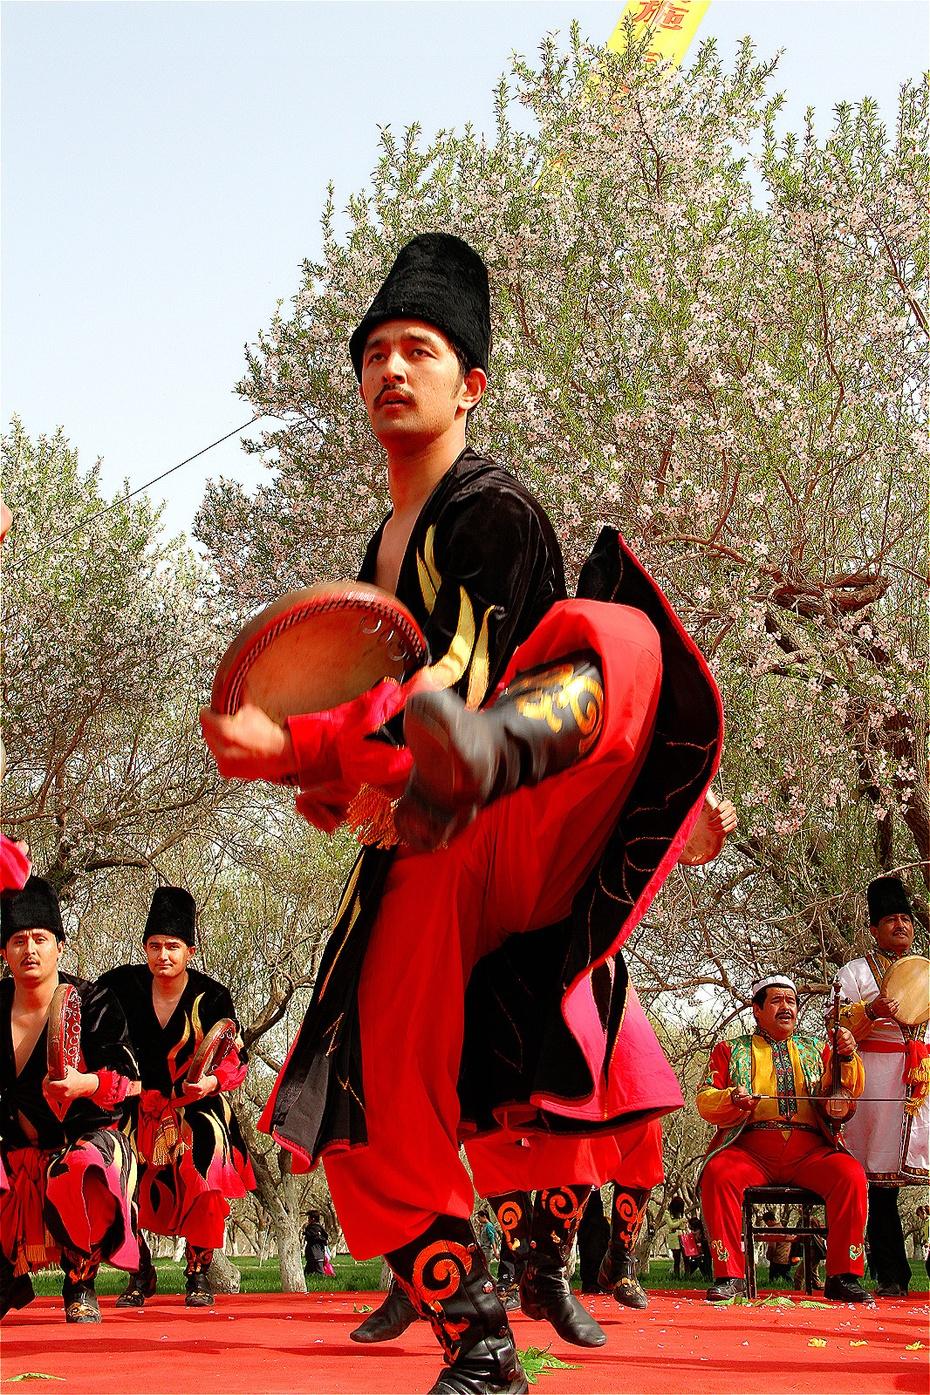 新疆塔吉克族小伙精彩的手鼓表演